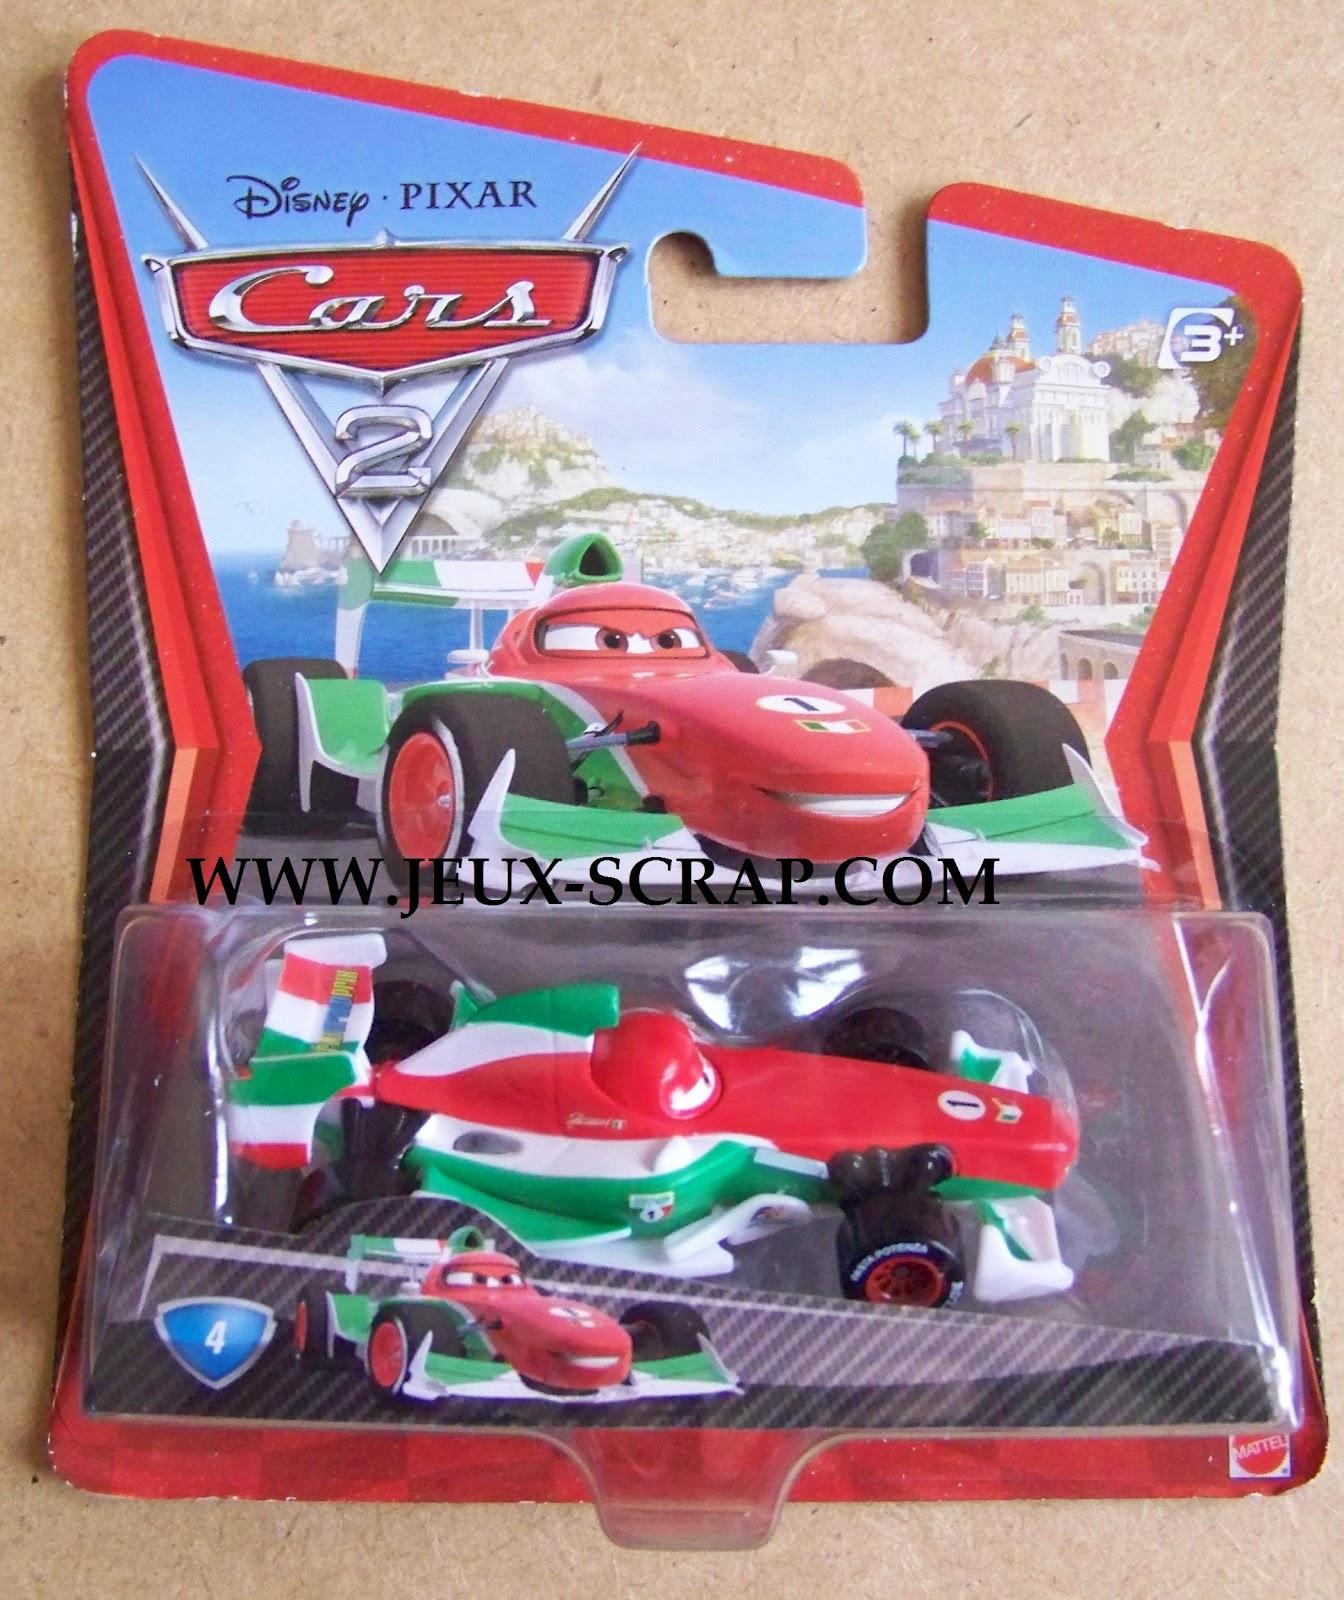 Blog boutique jouets jeux scrap voitures cars 2 disney pixar - Voiture cars disney ...